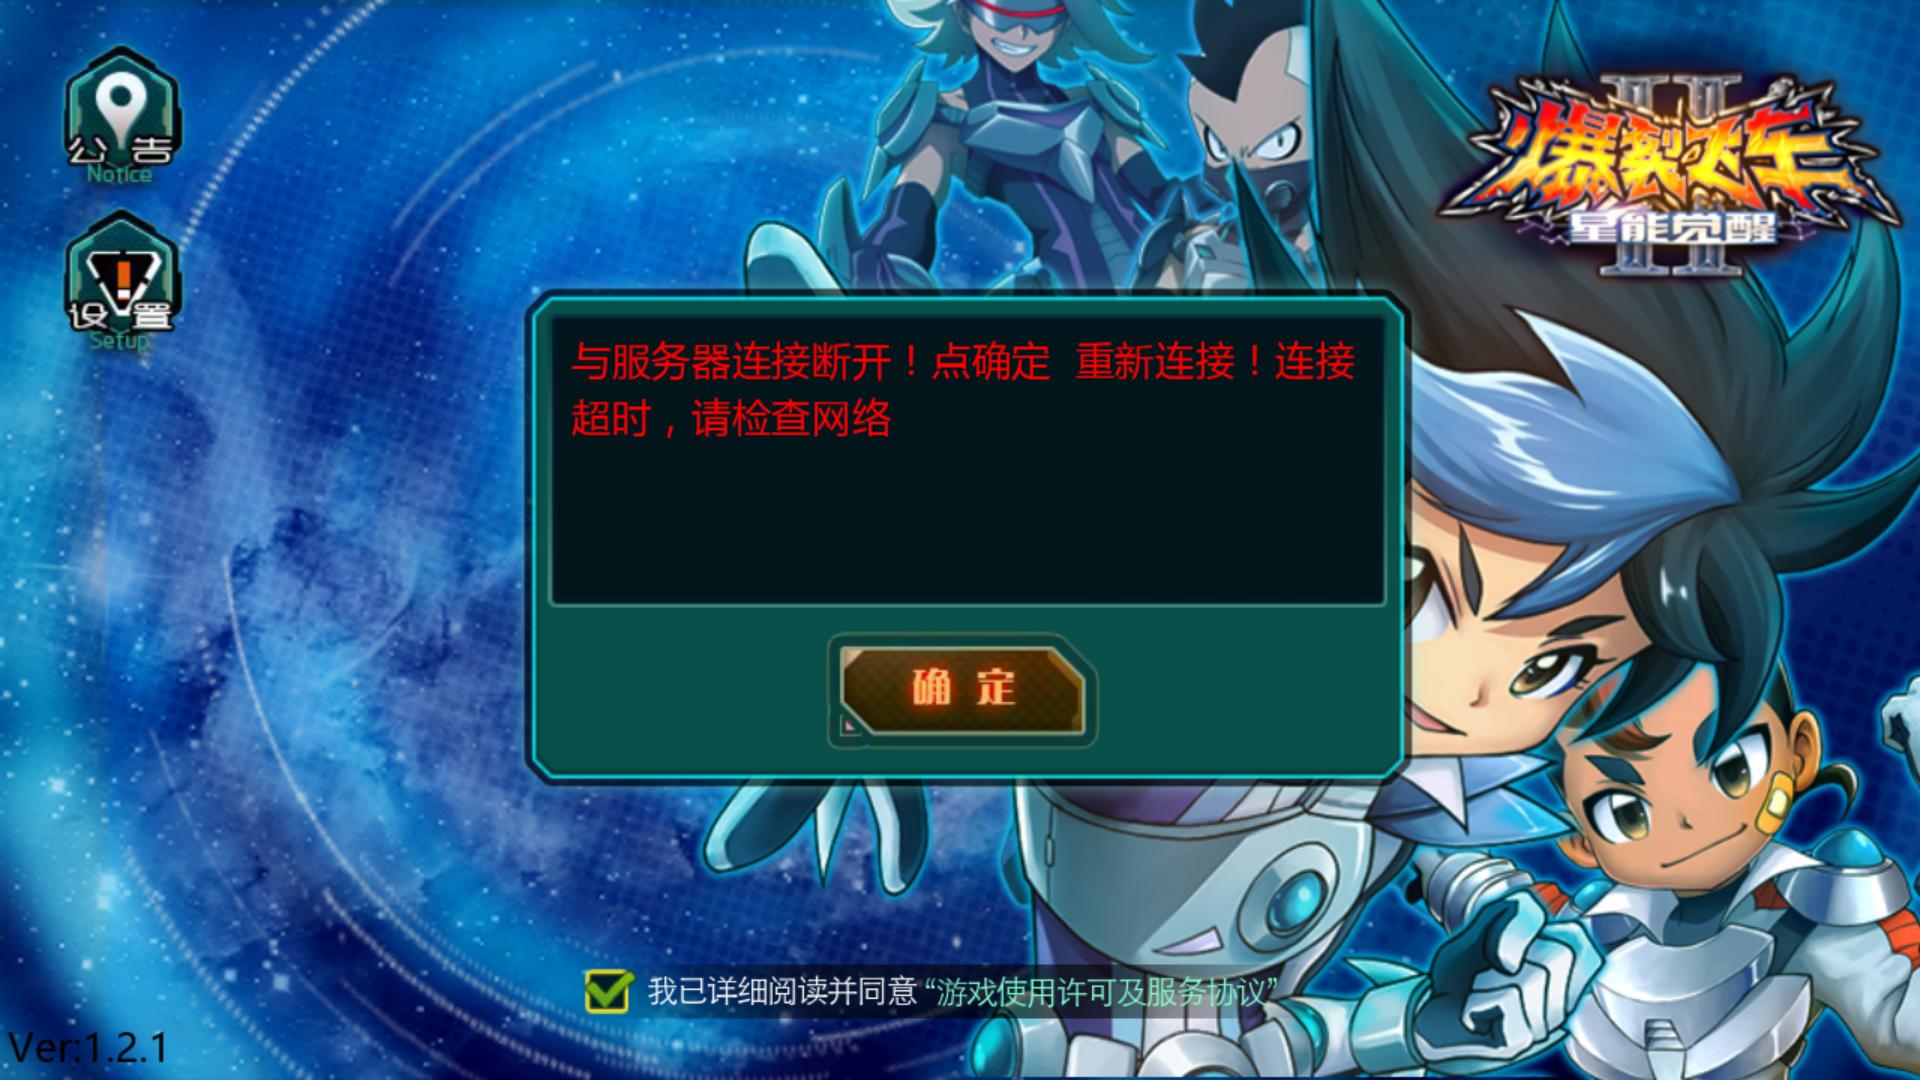 游戏无法登录